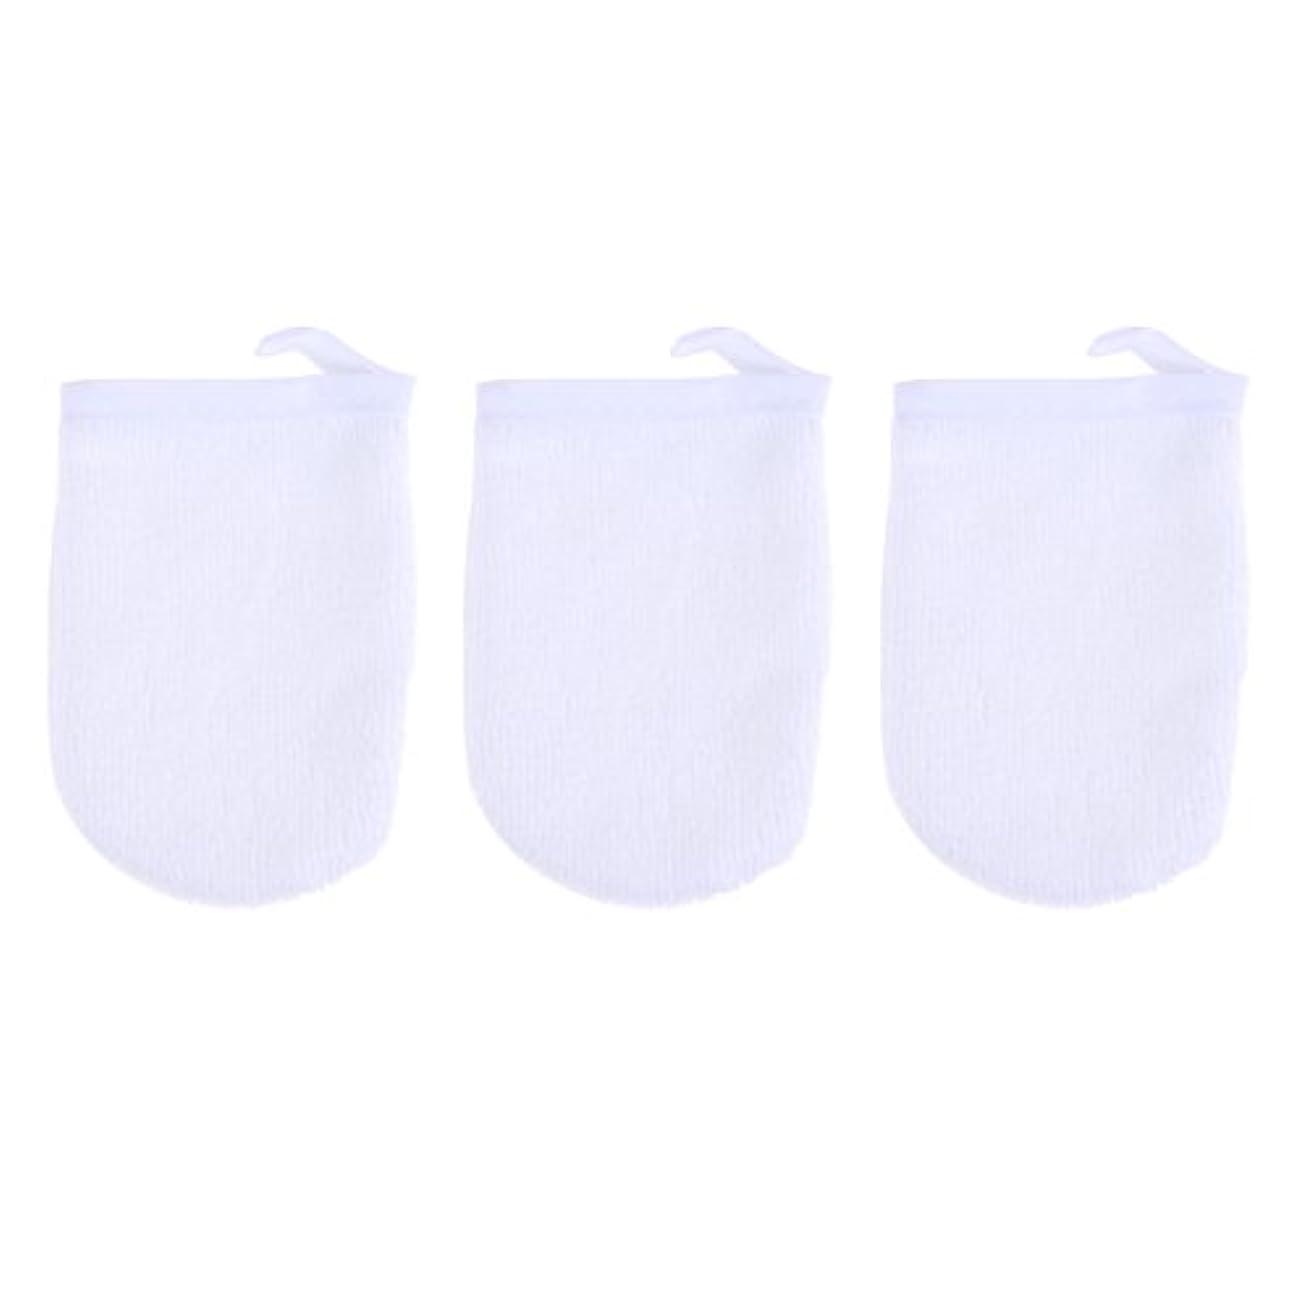 あらゆる種類のダメージながらBESTONZON 3ピースマイクロファイバー洗顔手袋フェイスクレンジングタオルクロススパミットソフト洗濯道具